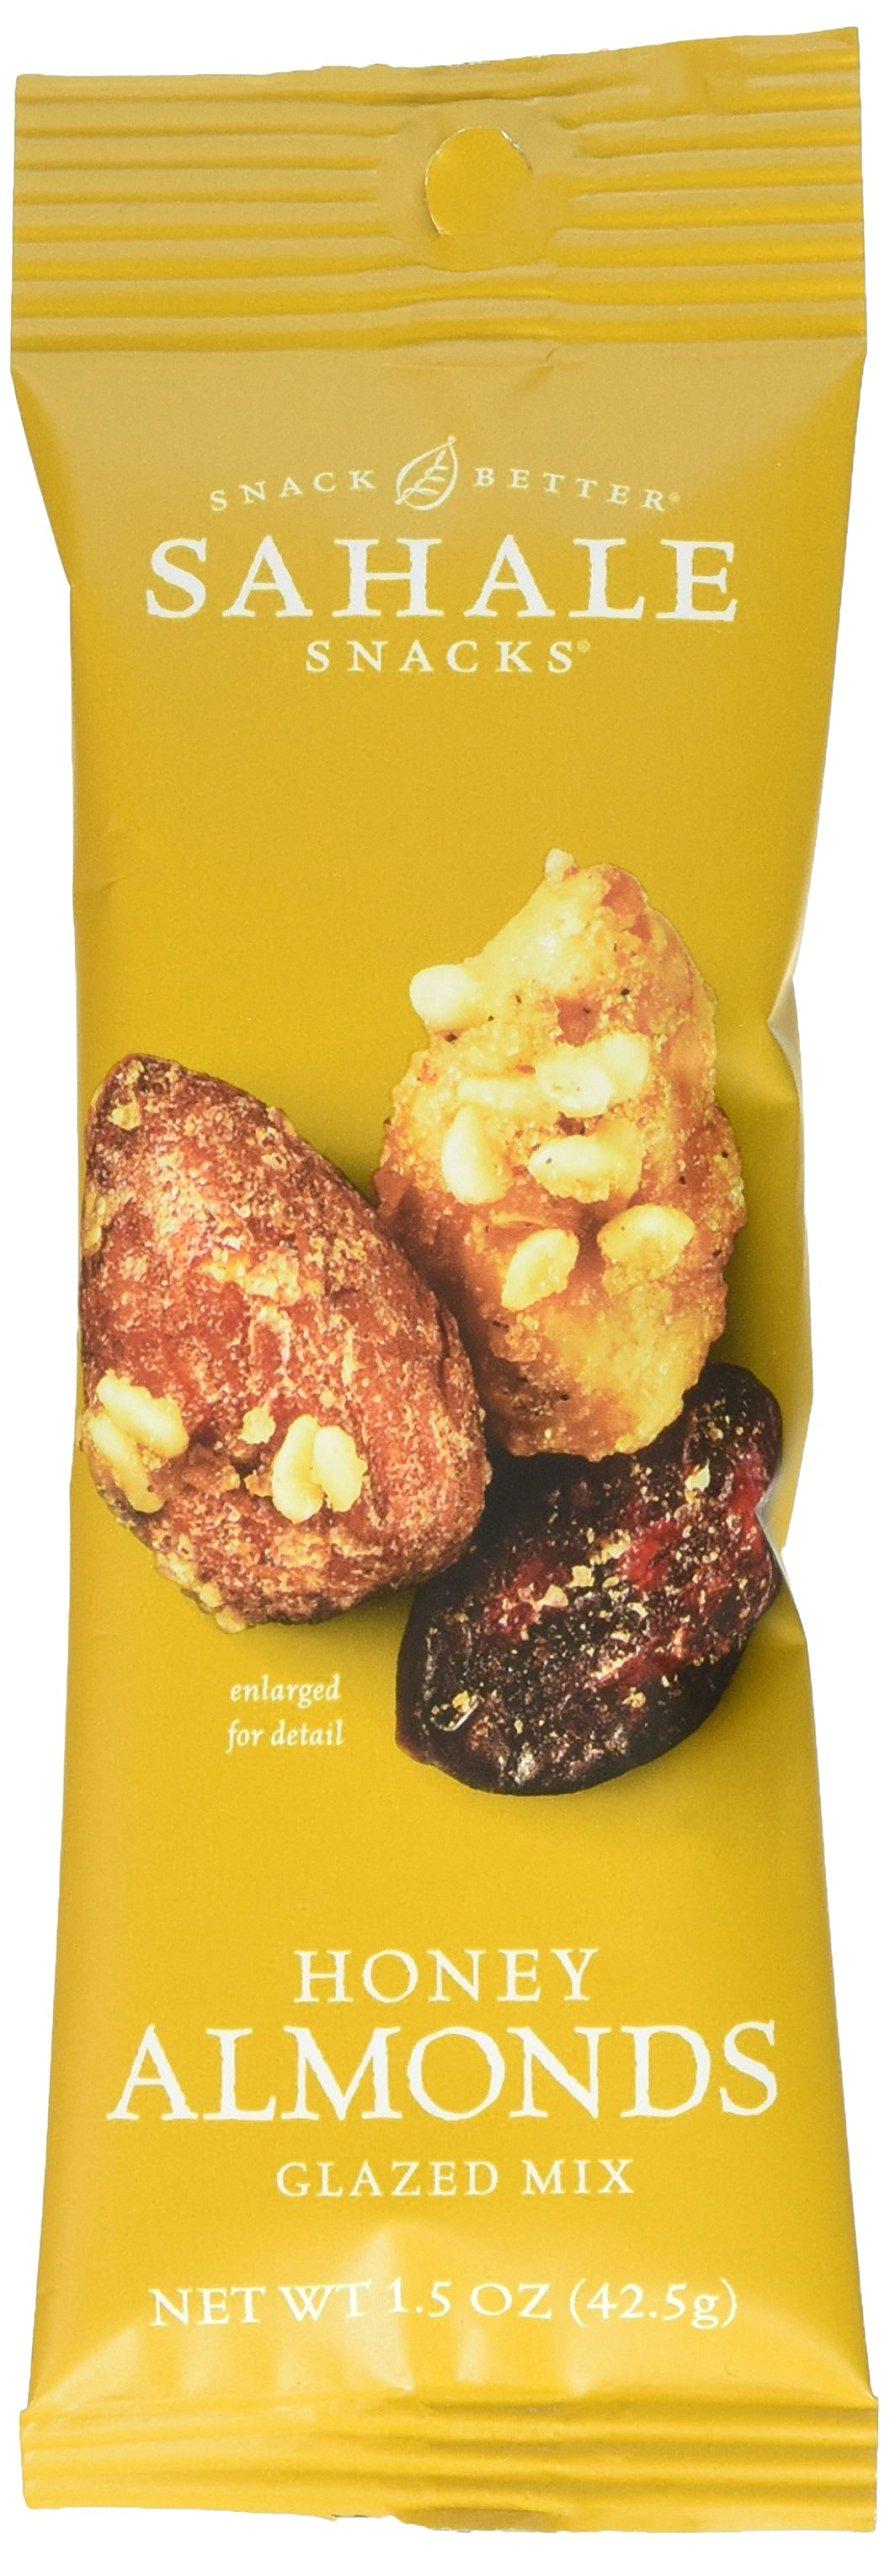 Sahale Snacks Honey Almonds Glazed Mix, 1.5 Oz